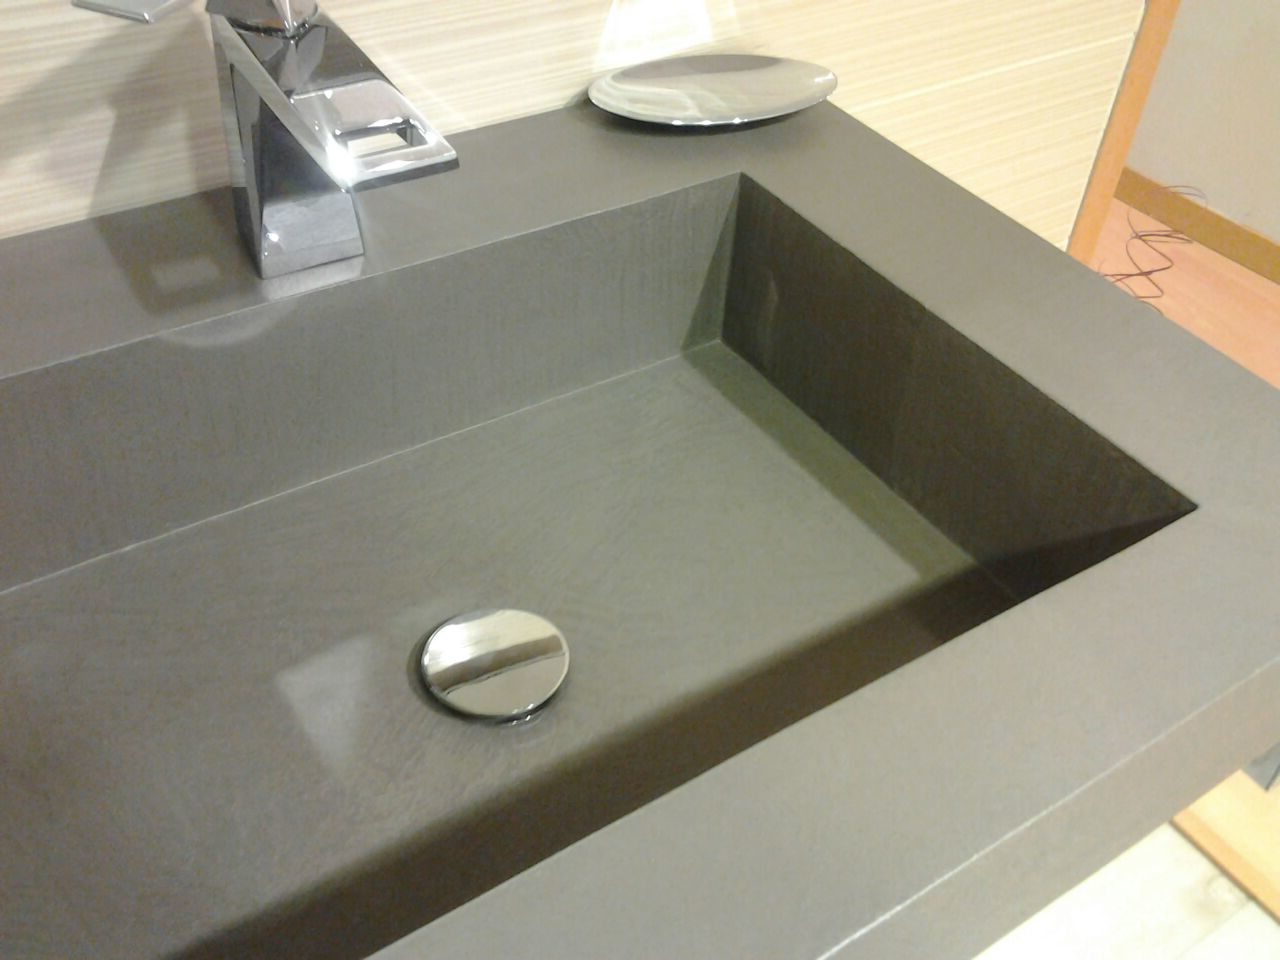 La RESIWORLD fornisce al cliente un'assistenza attenta e qualificata per i lavori in Sardegna: bagno in biomalta, lavabi in biomalta, cucina in biomalta